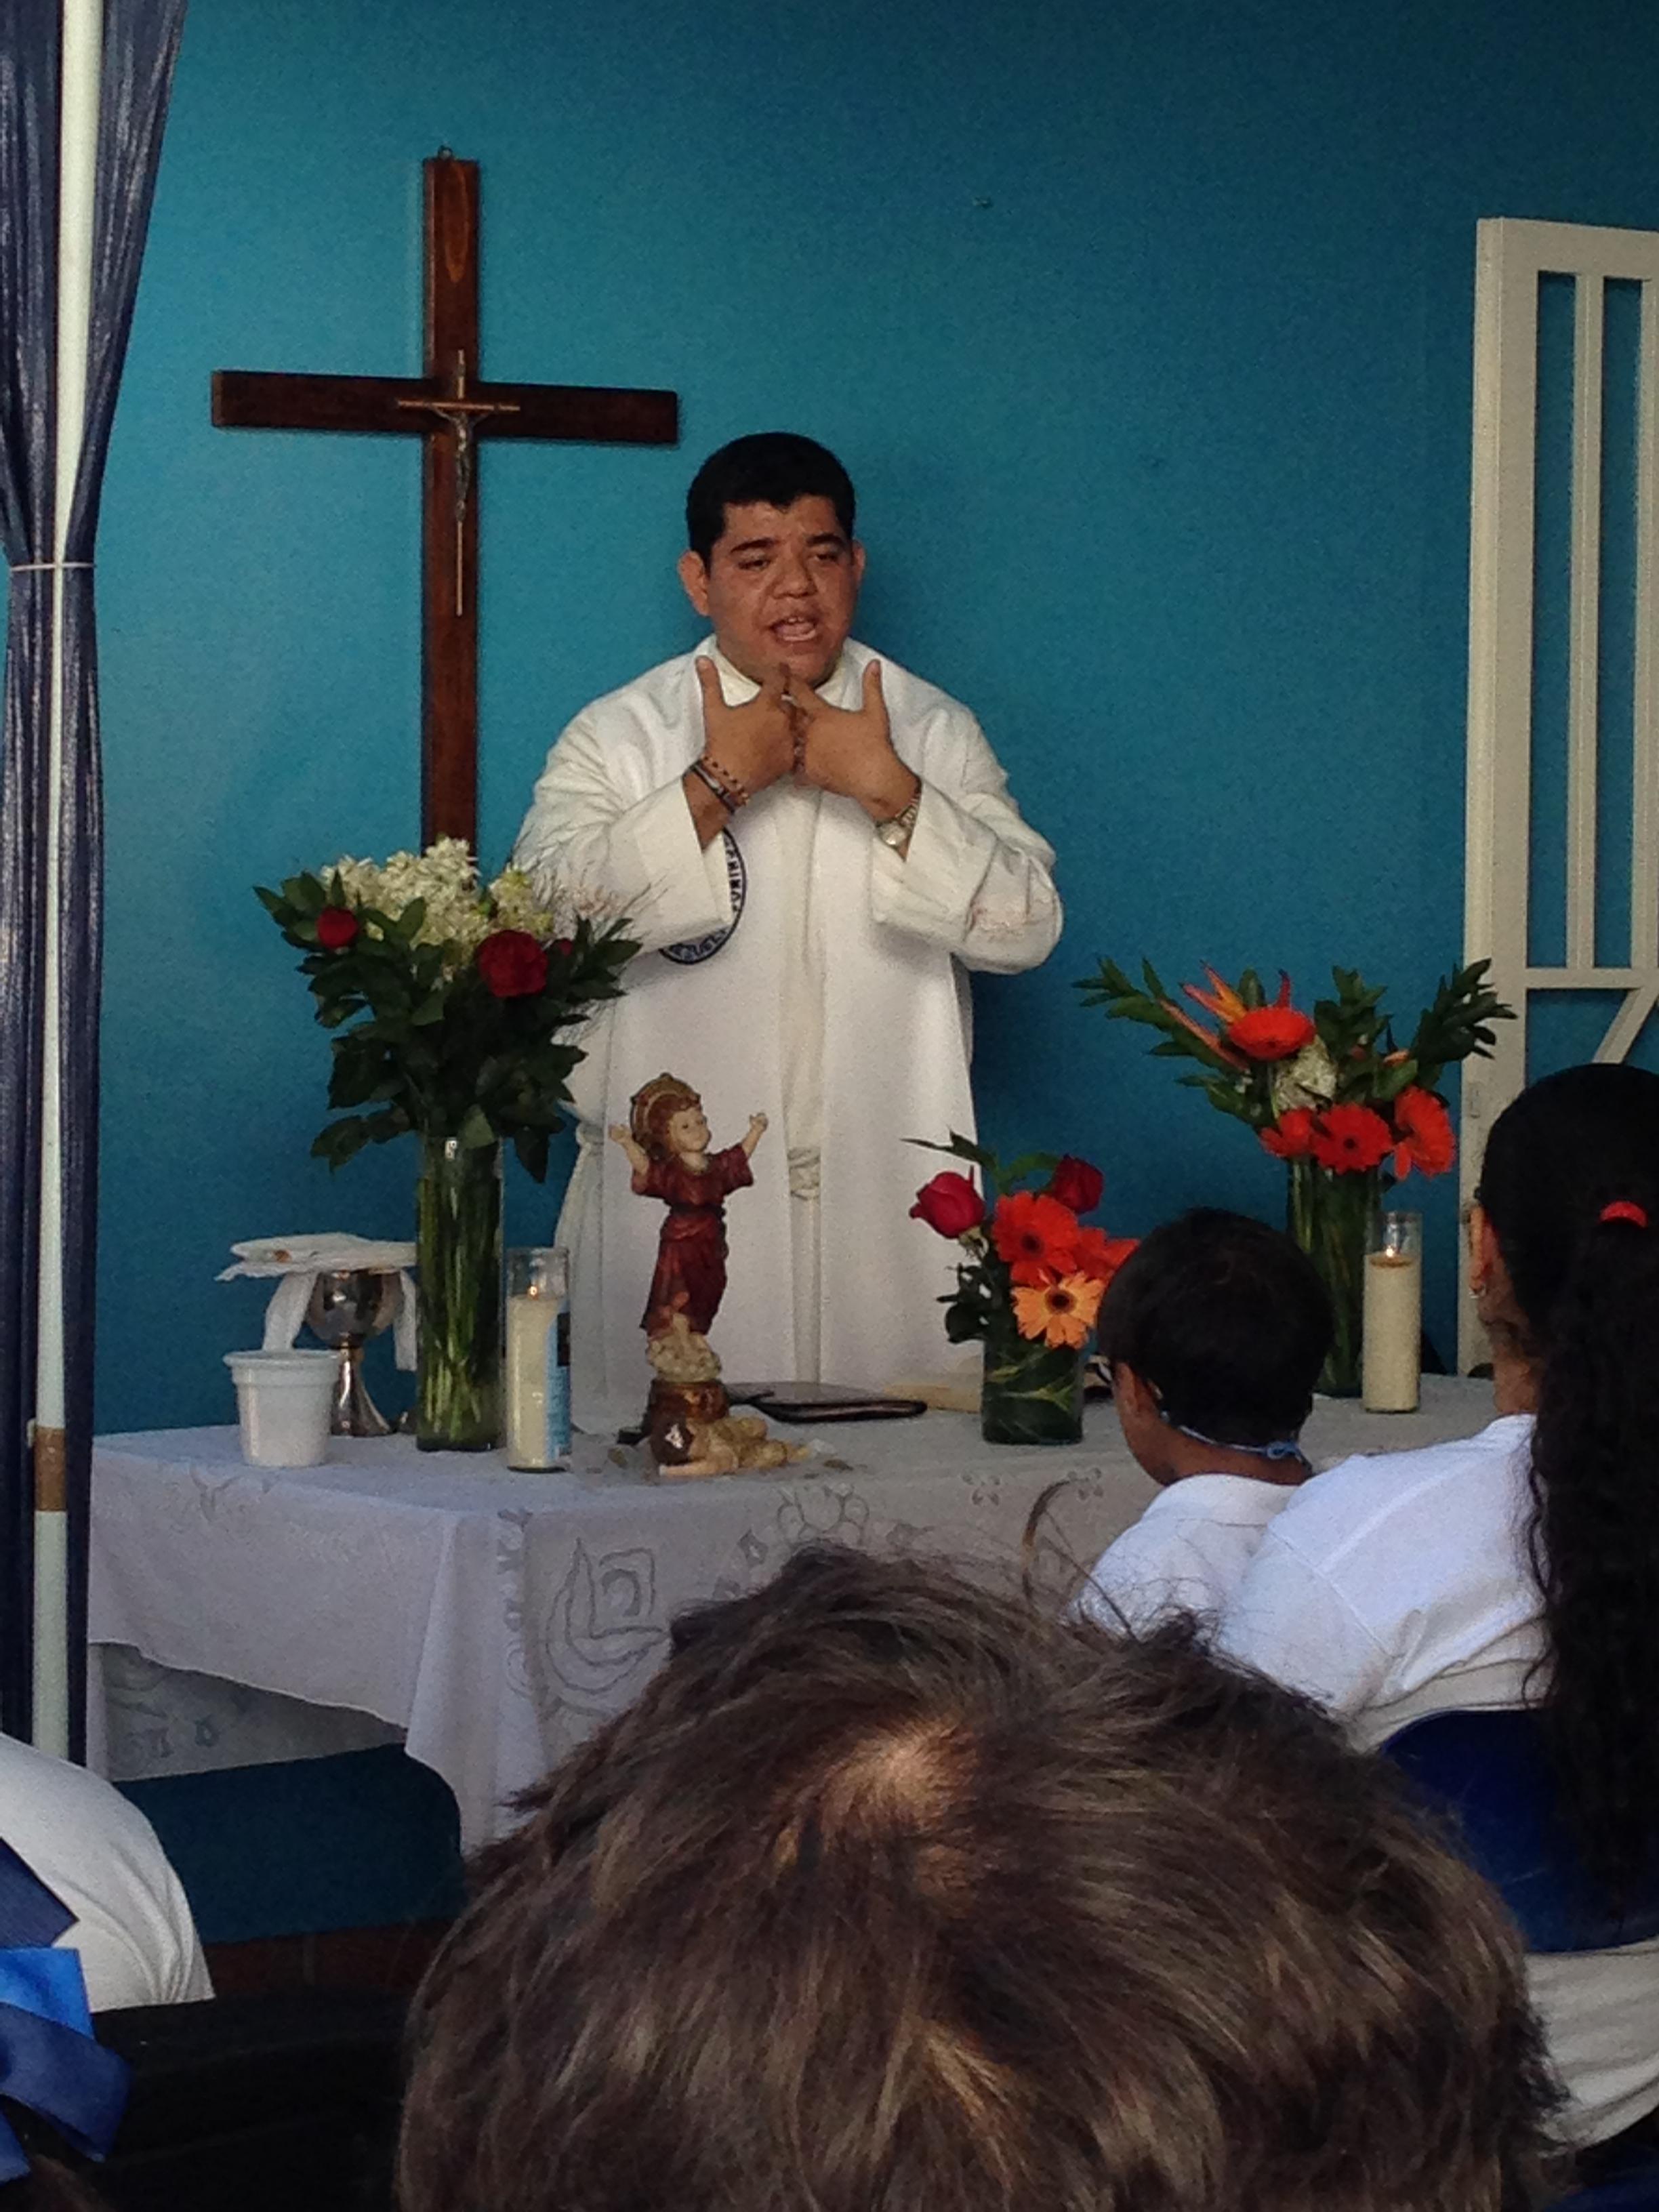 El CEE celebró el Día de la Virgen